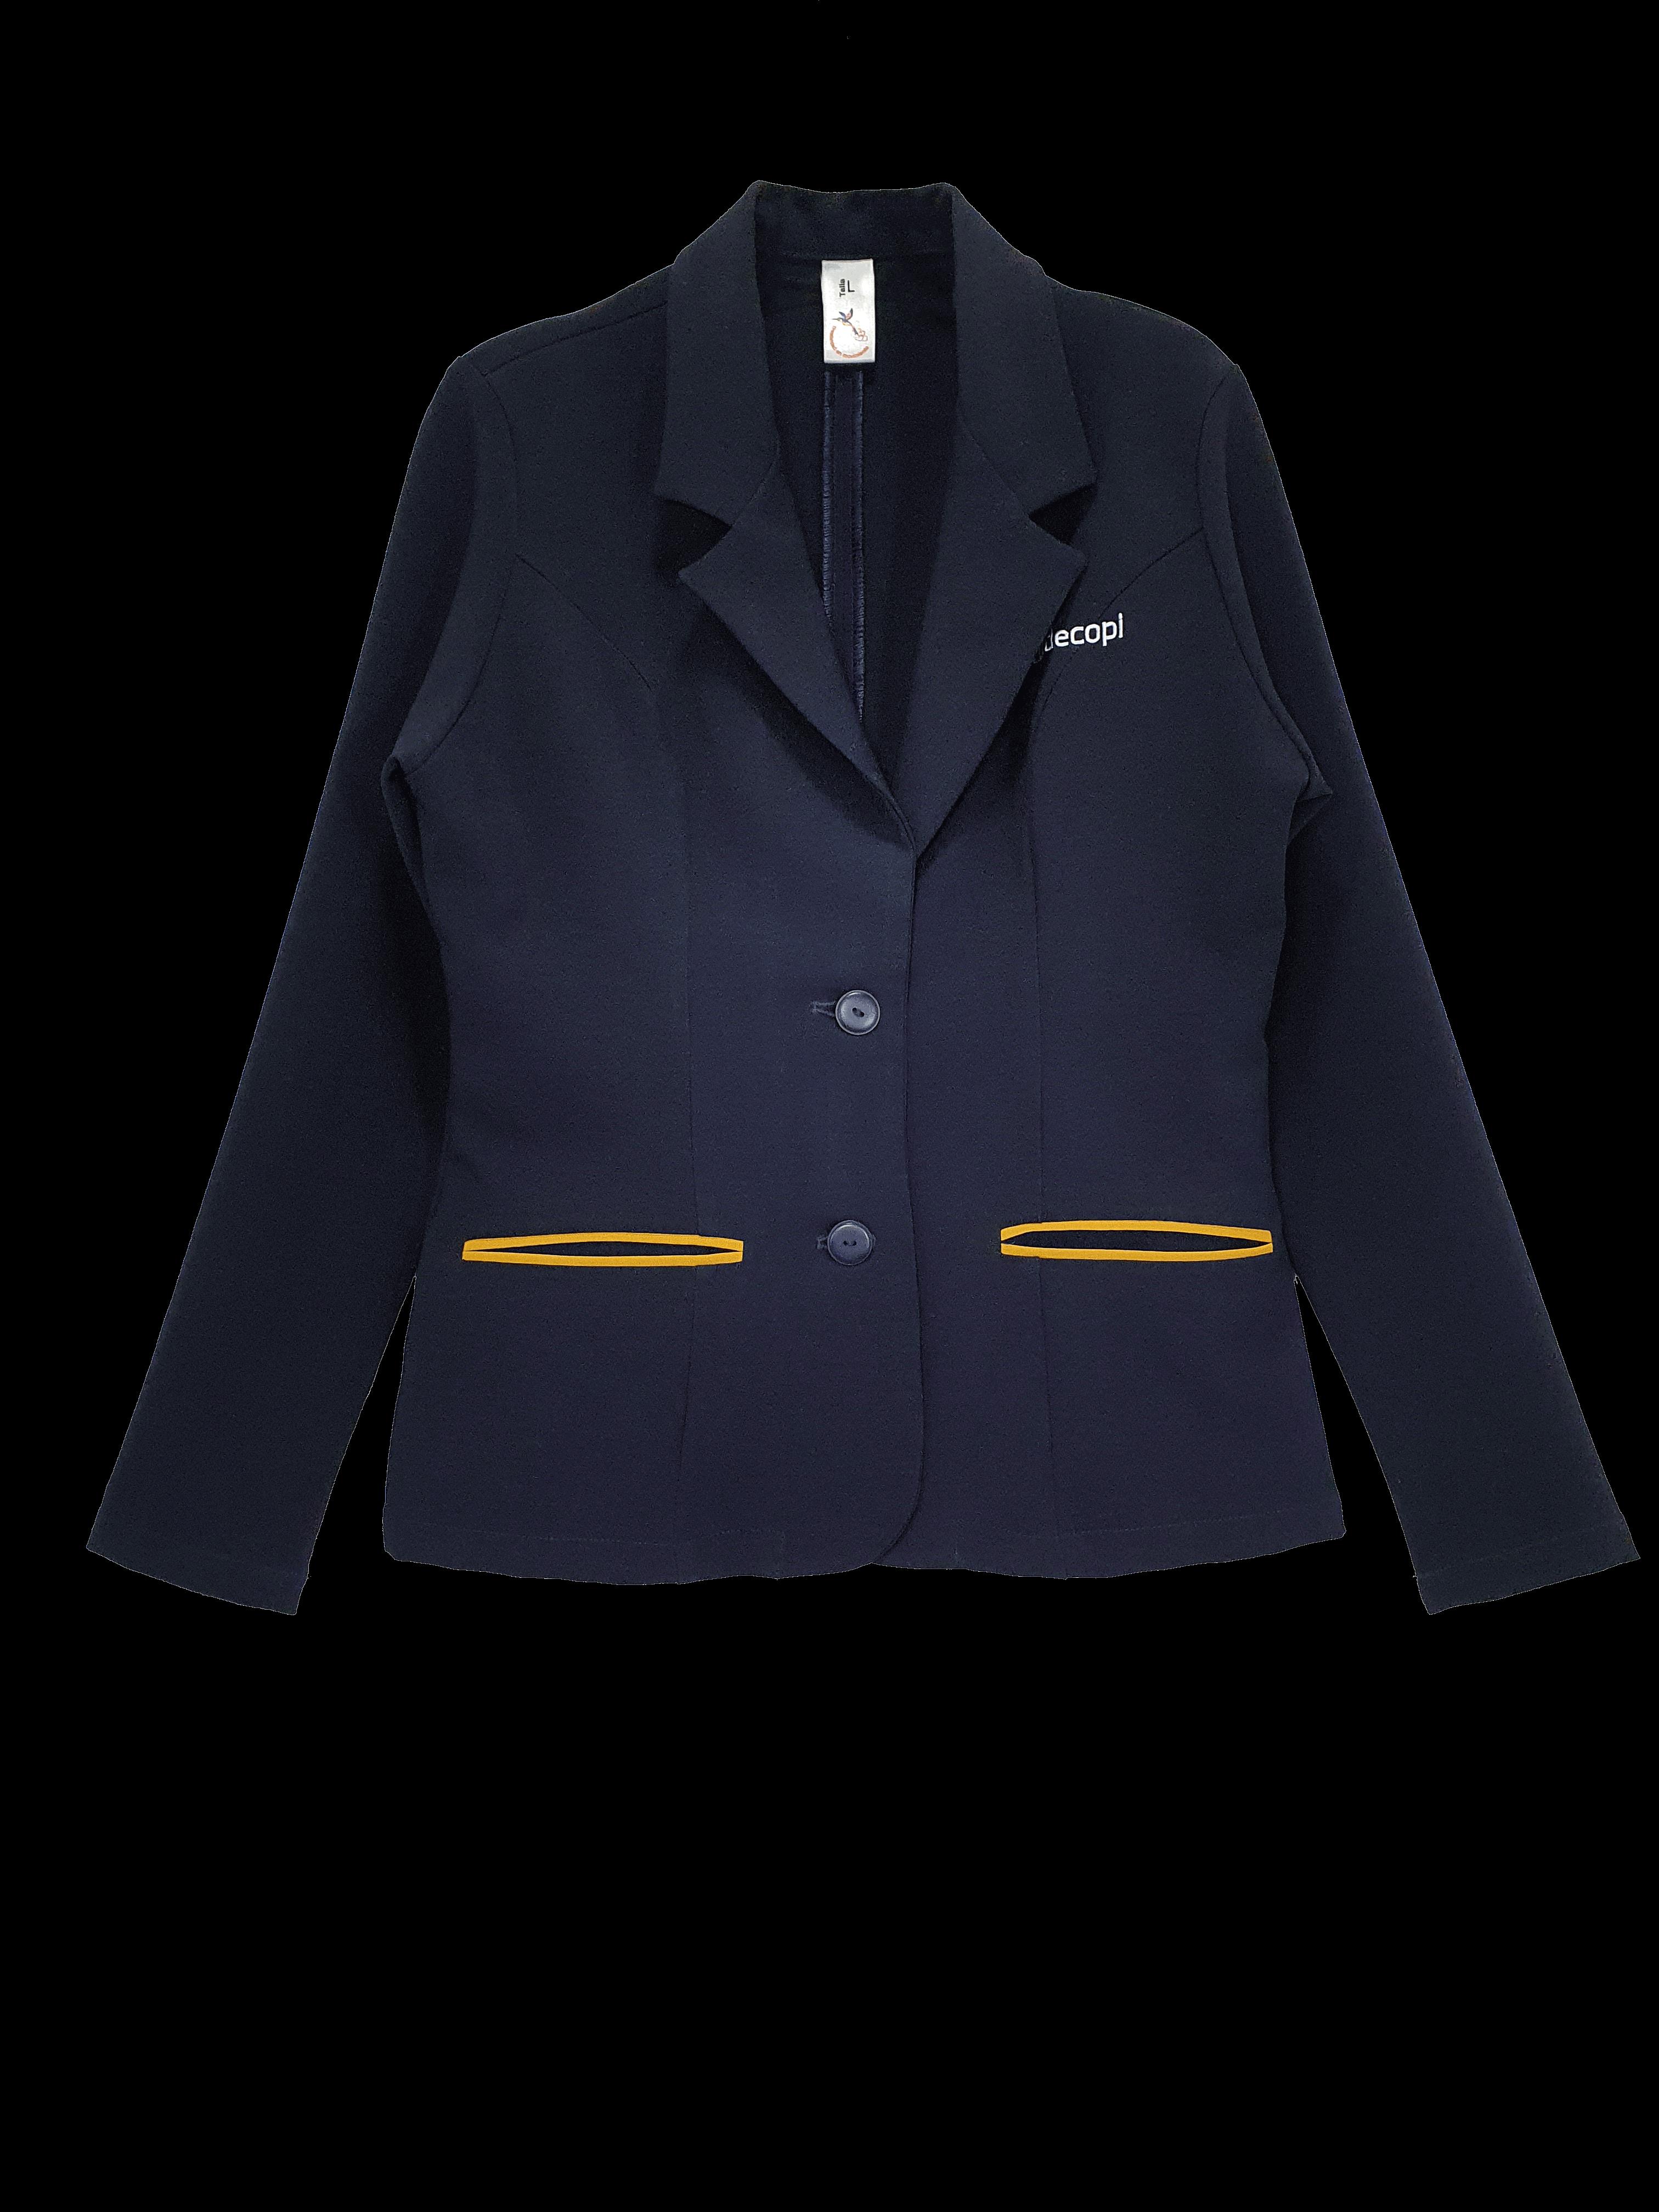 Chaqueta tipo blazer, formal para oficina. Variedad de materiales, diseños y tecnicas